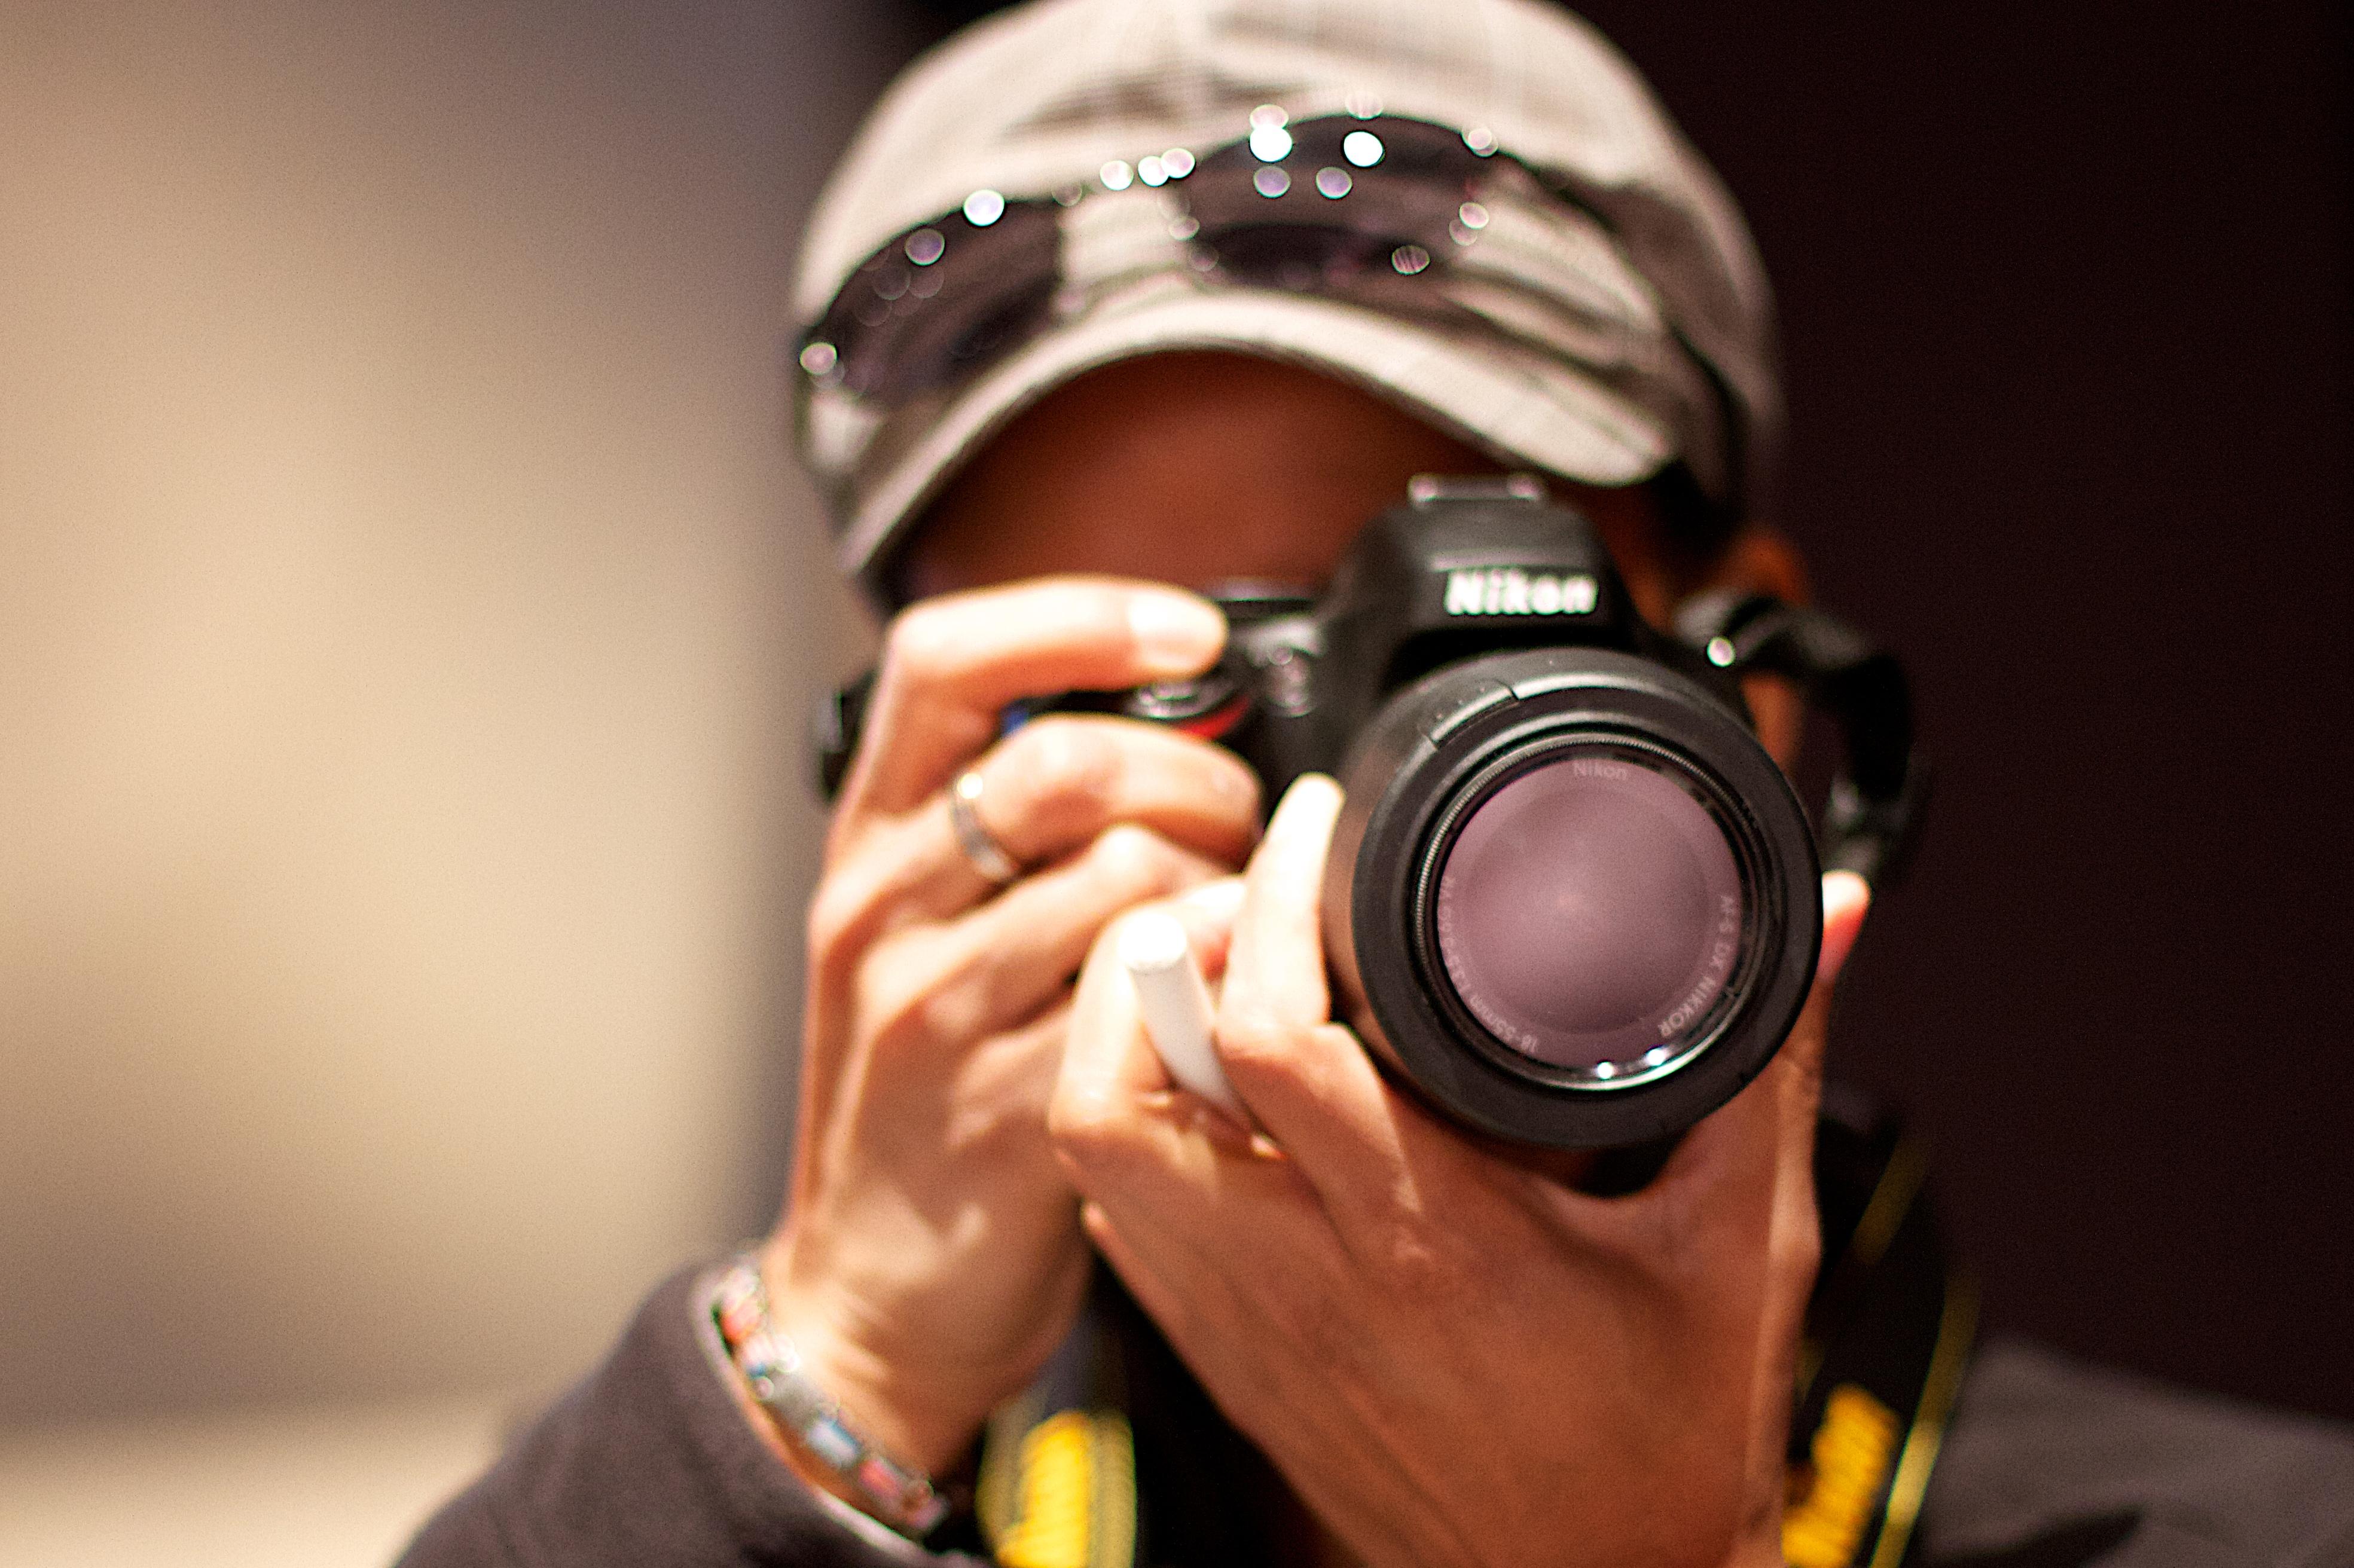 как фотографировать на зеркалку вручную цапник